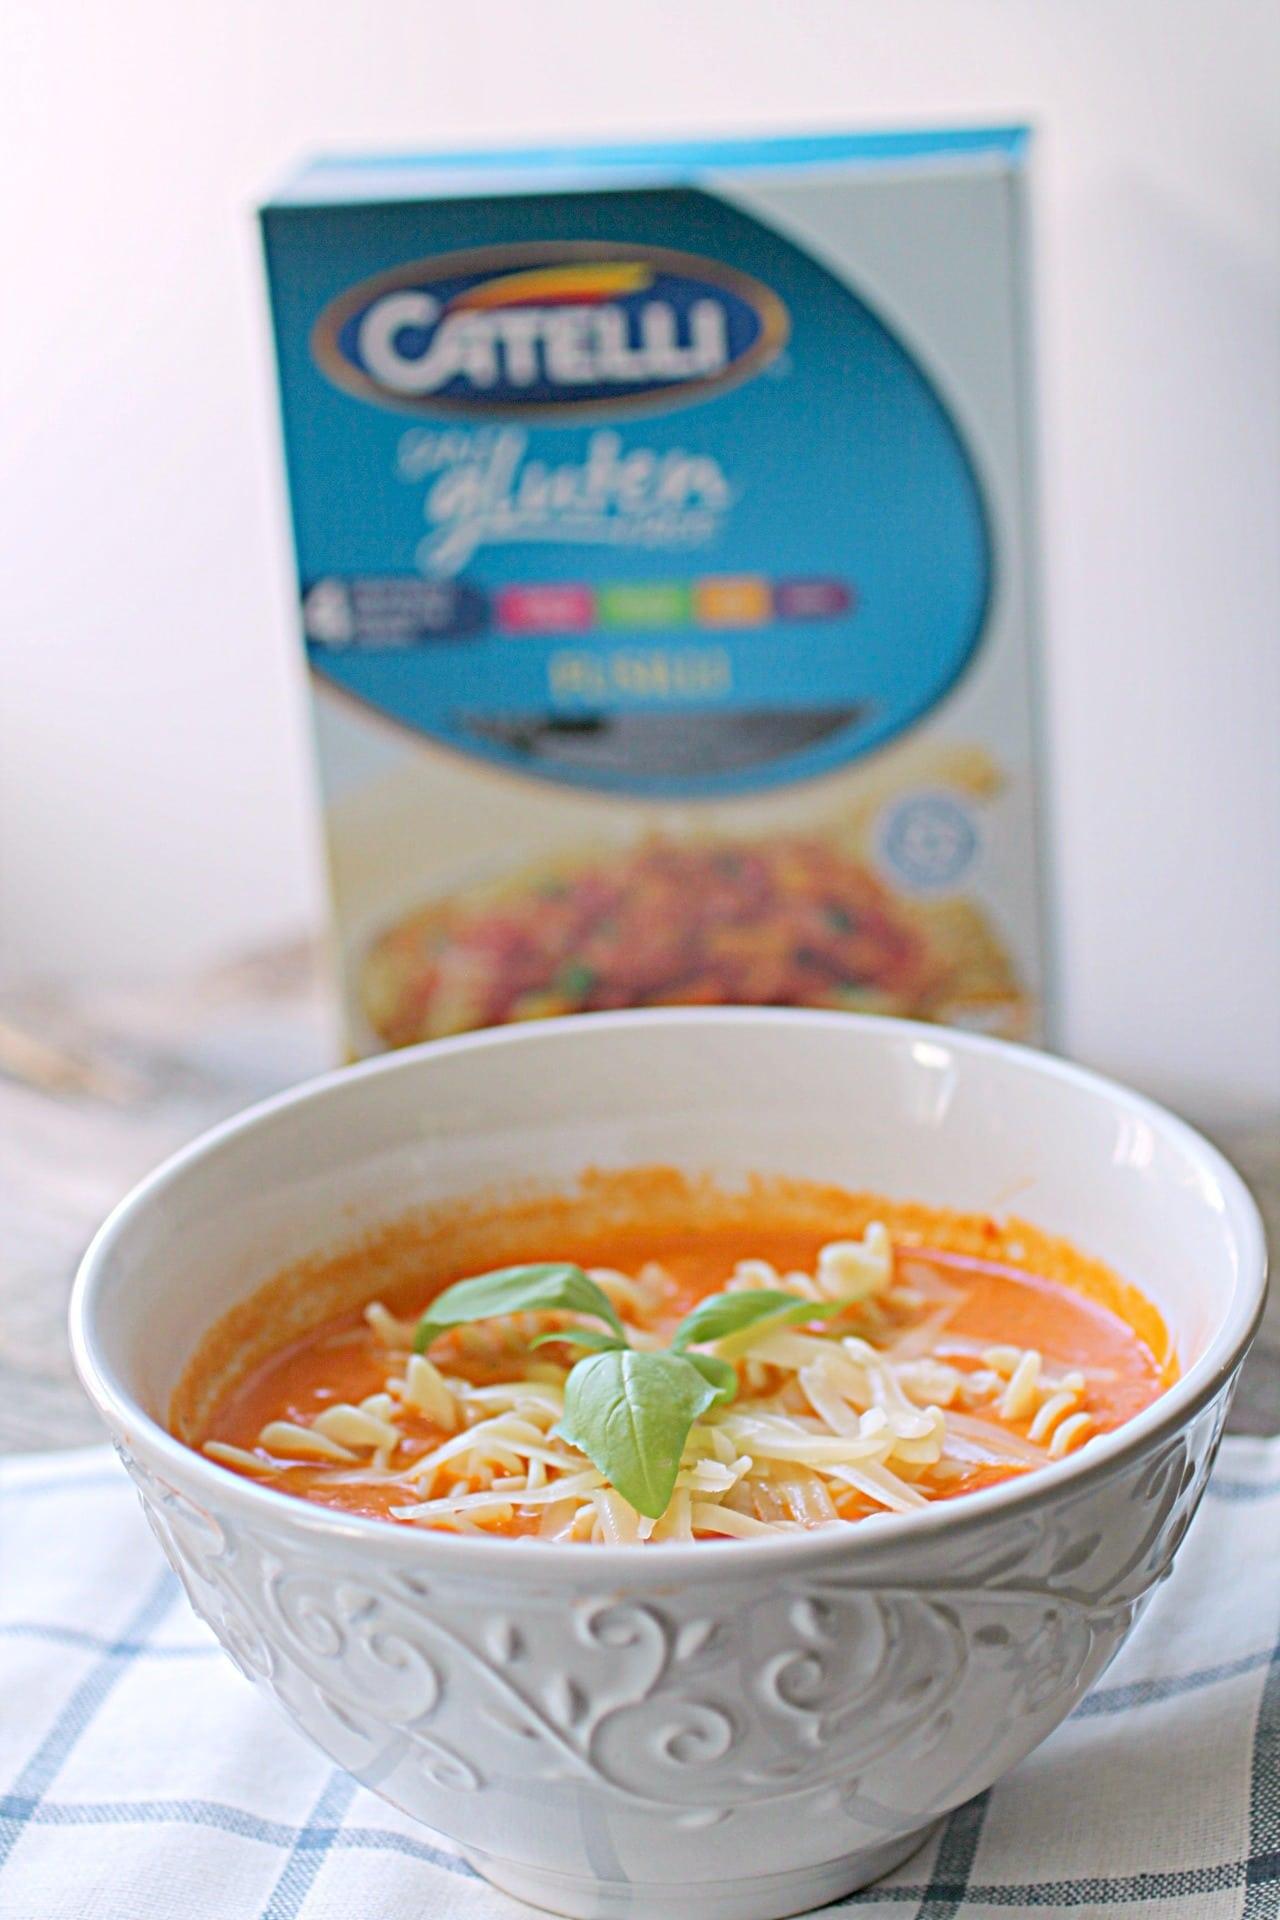 soupe-catelli-4